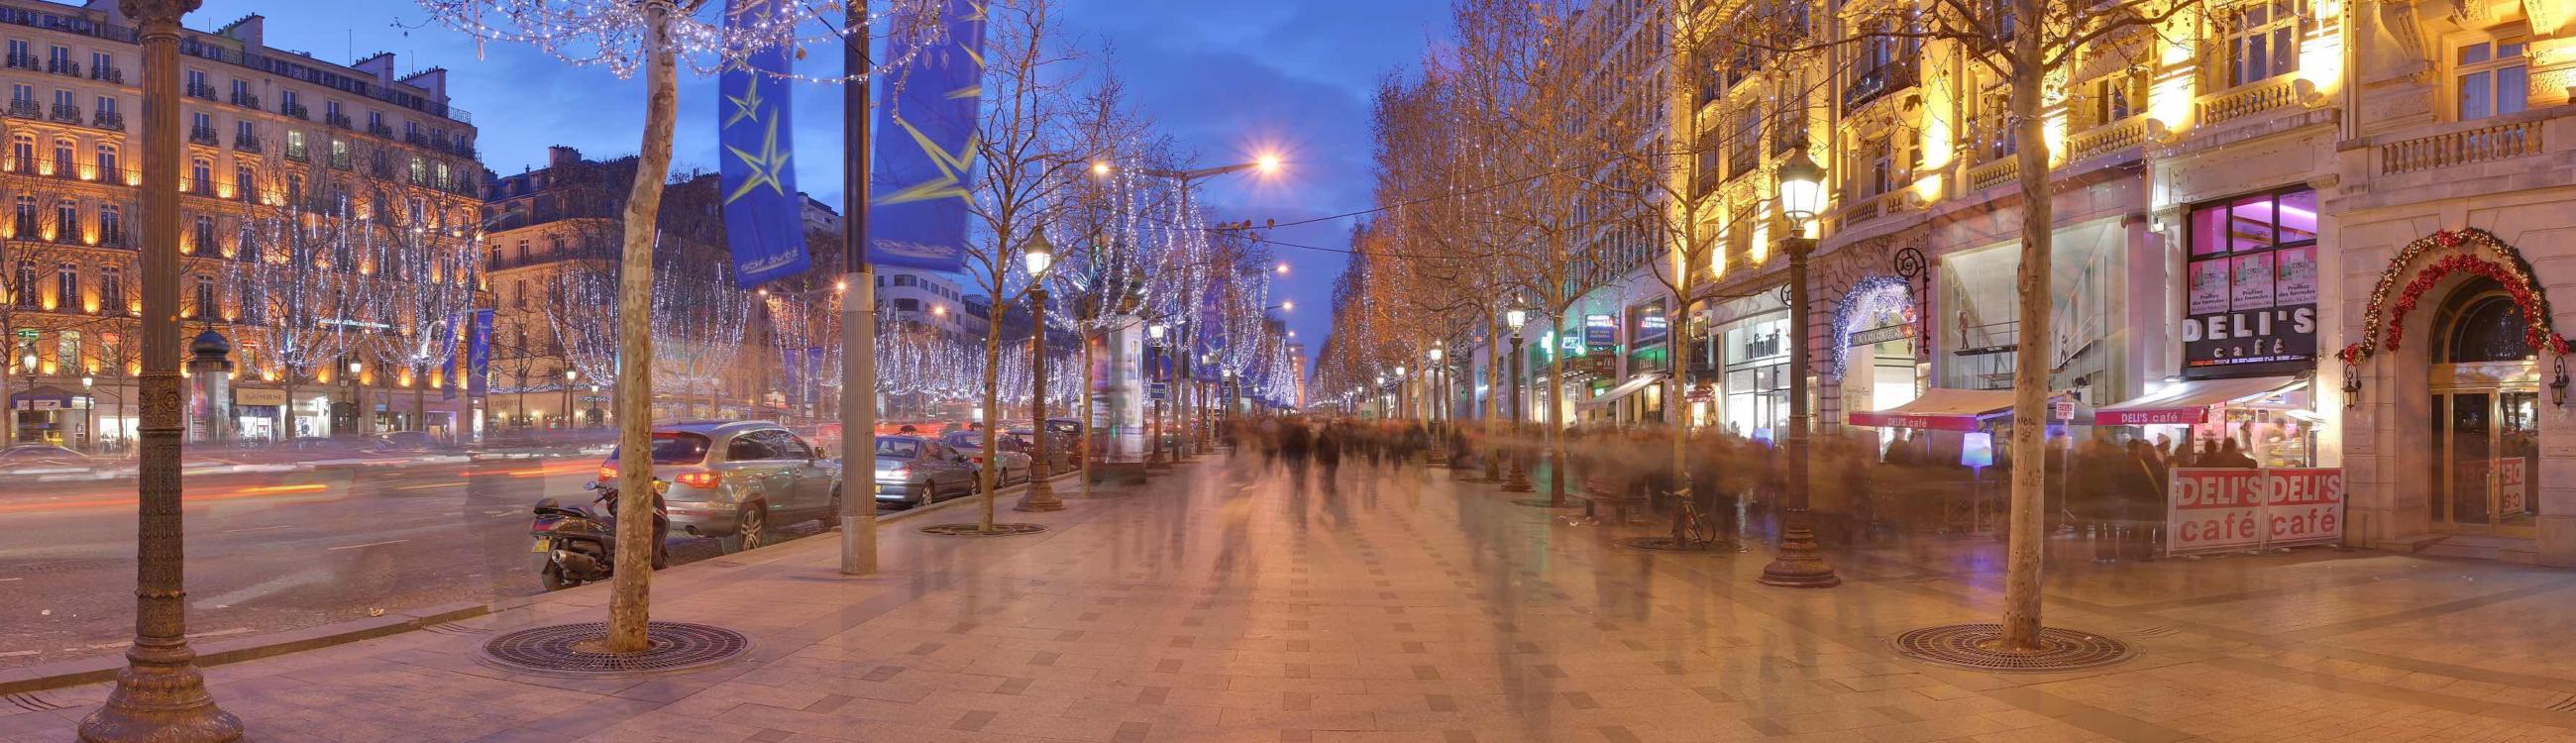 Champs Elysees Slider